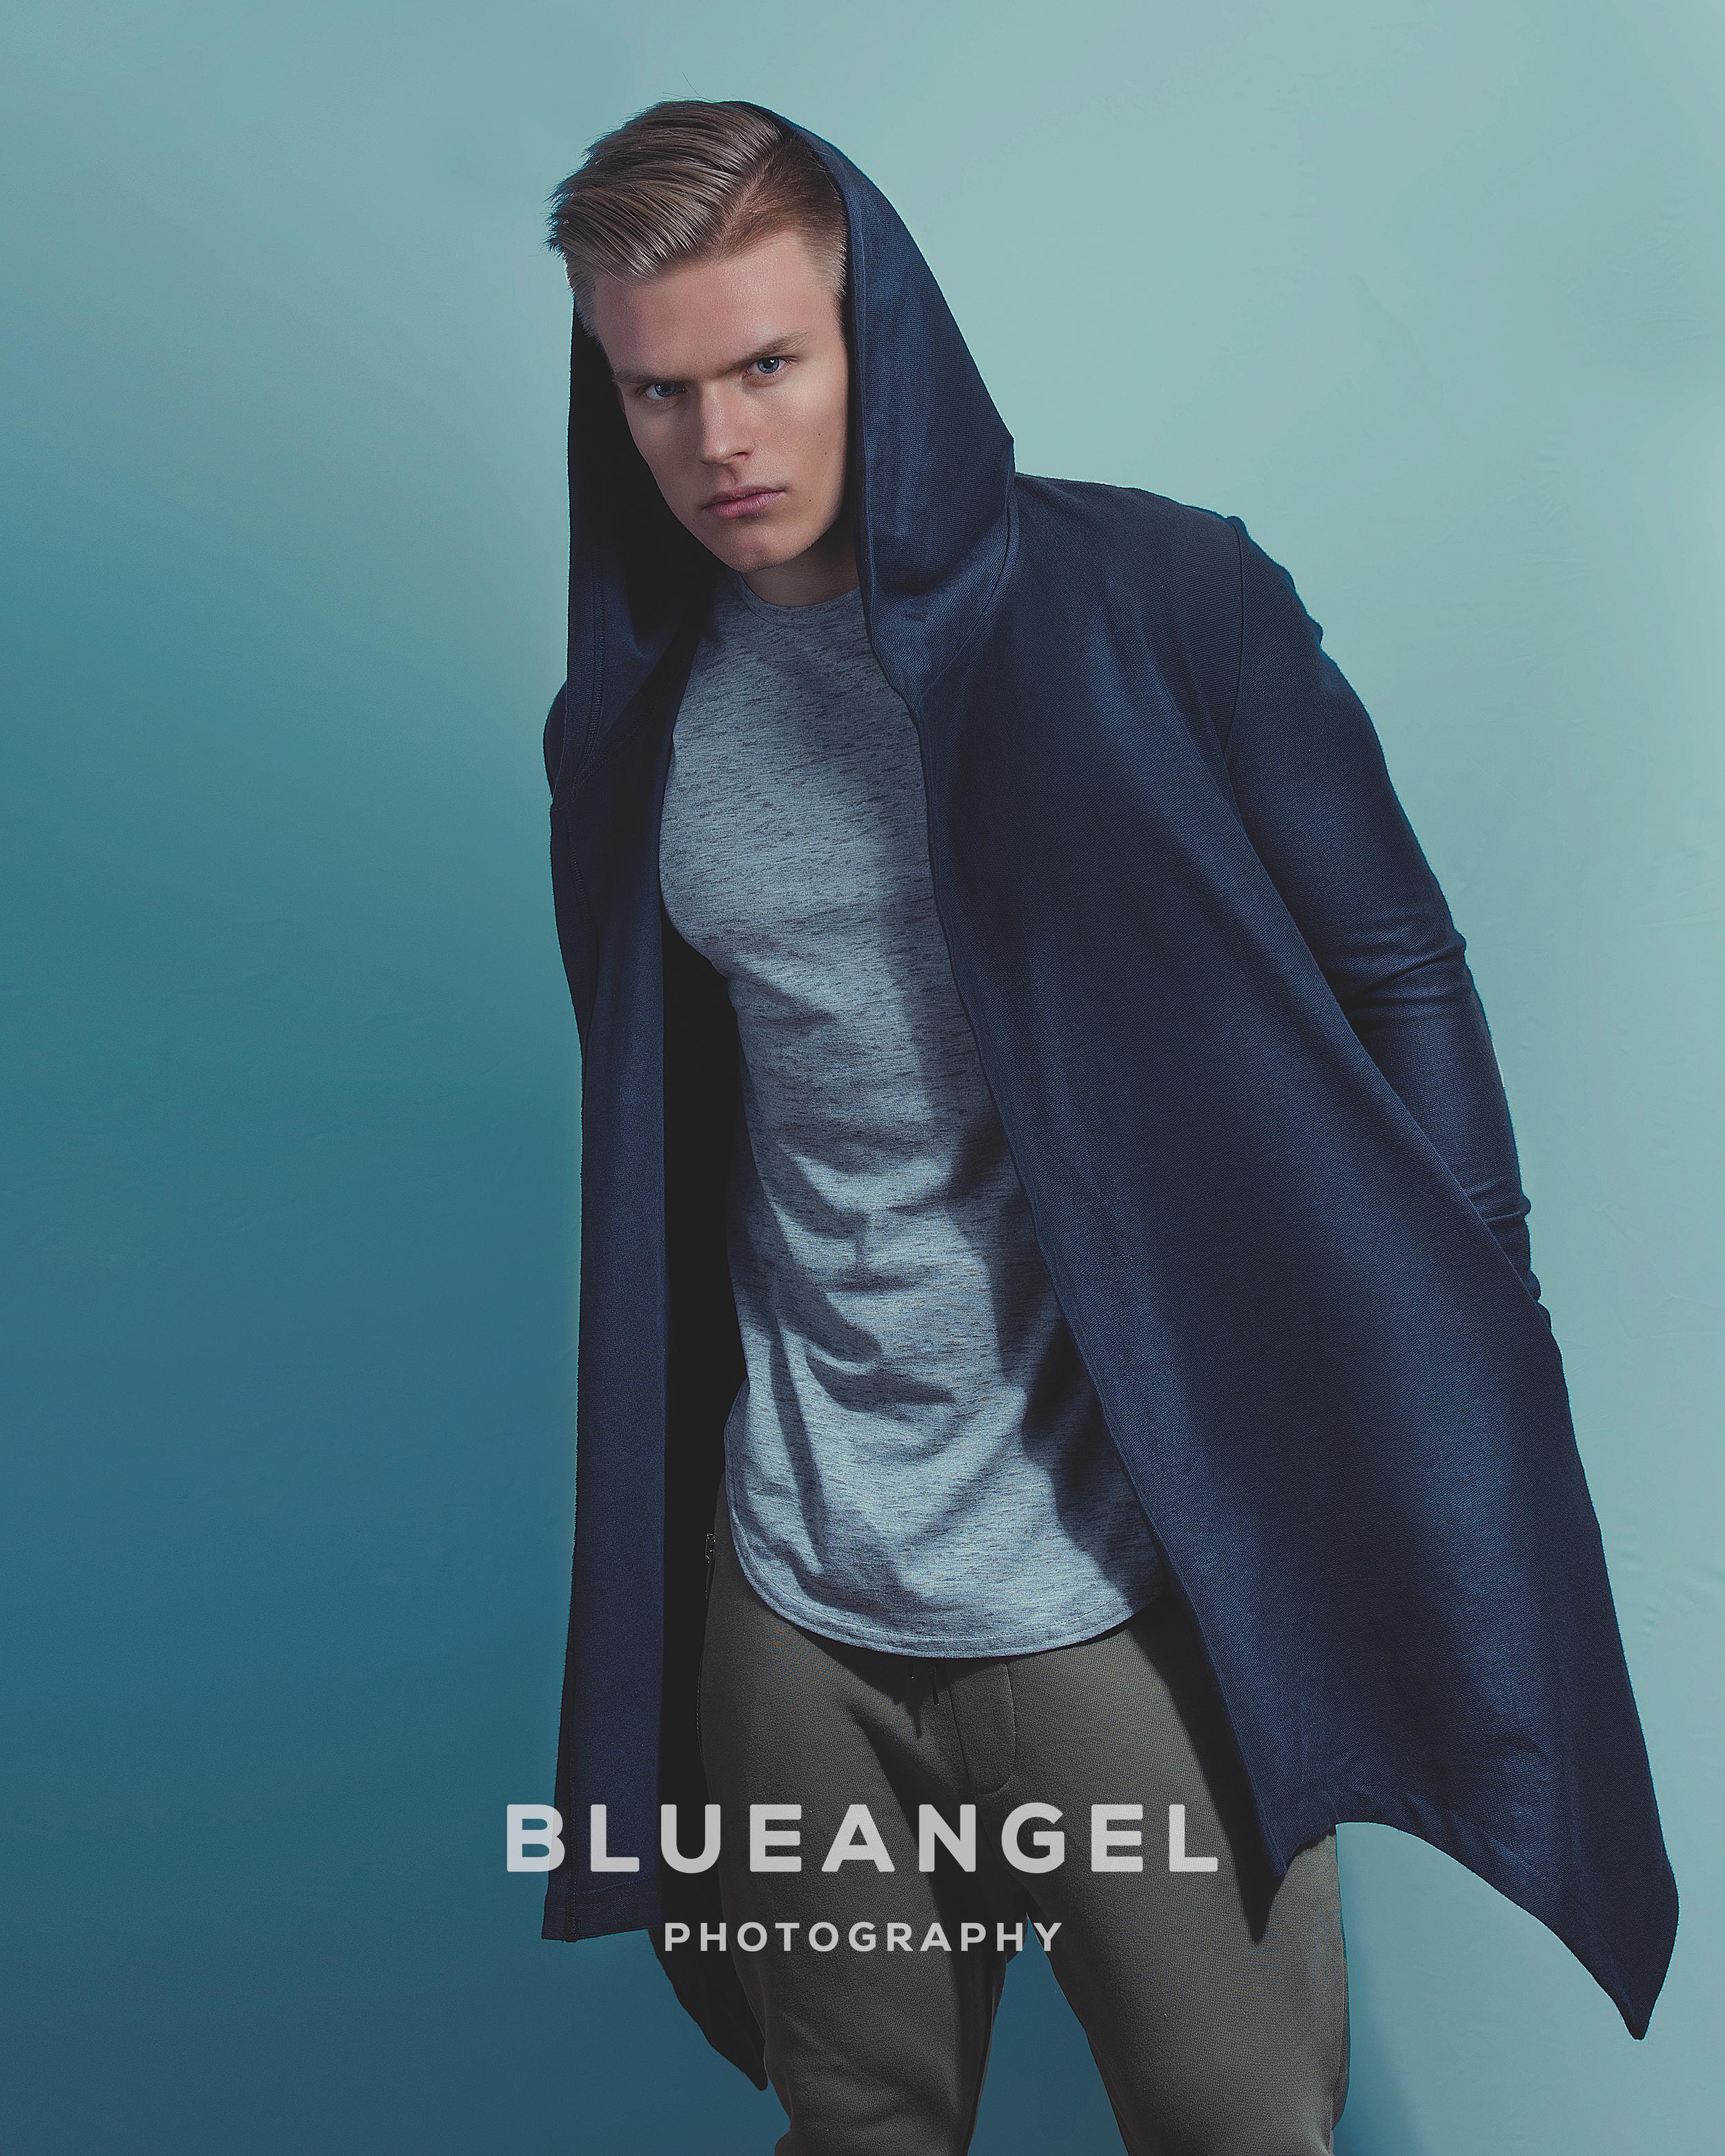 JamesGBlueAngelPhotographyLookBook3.jpg